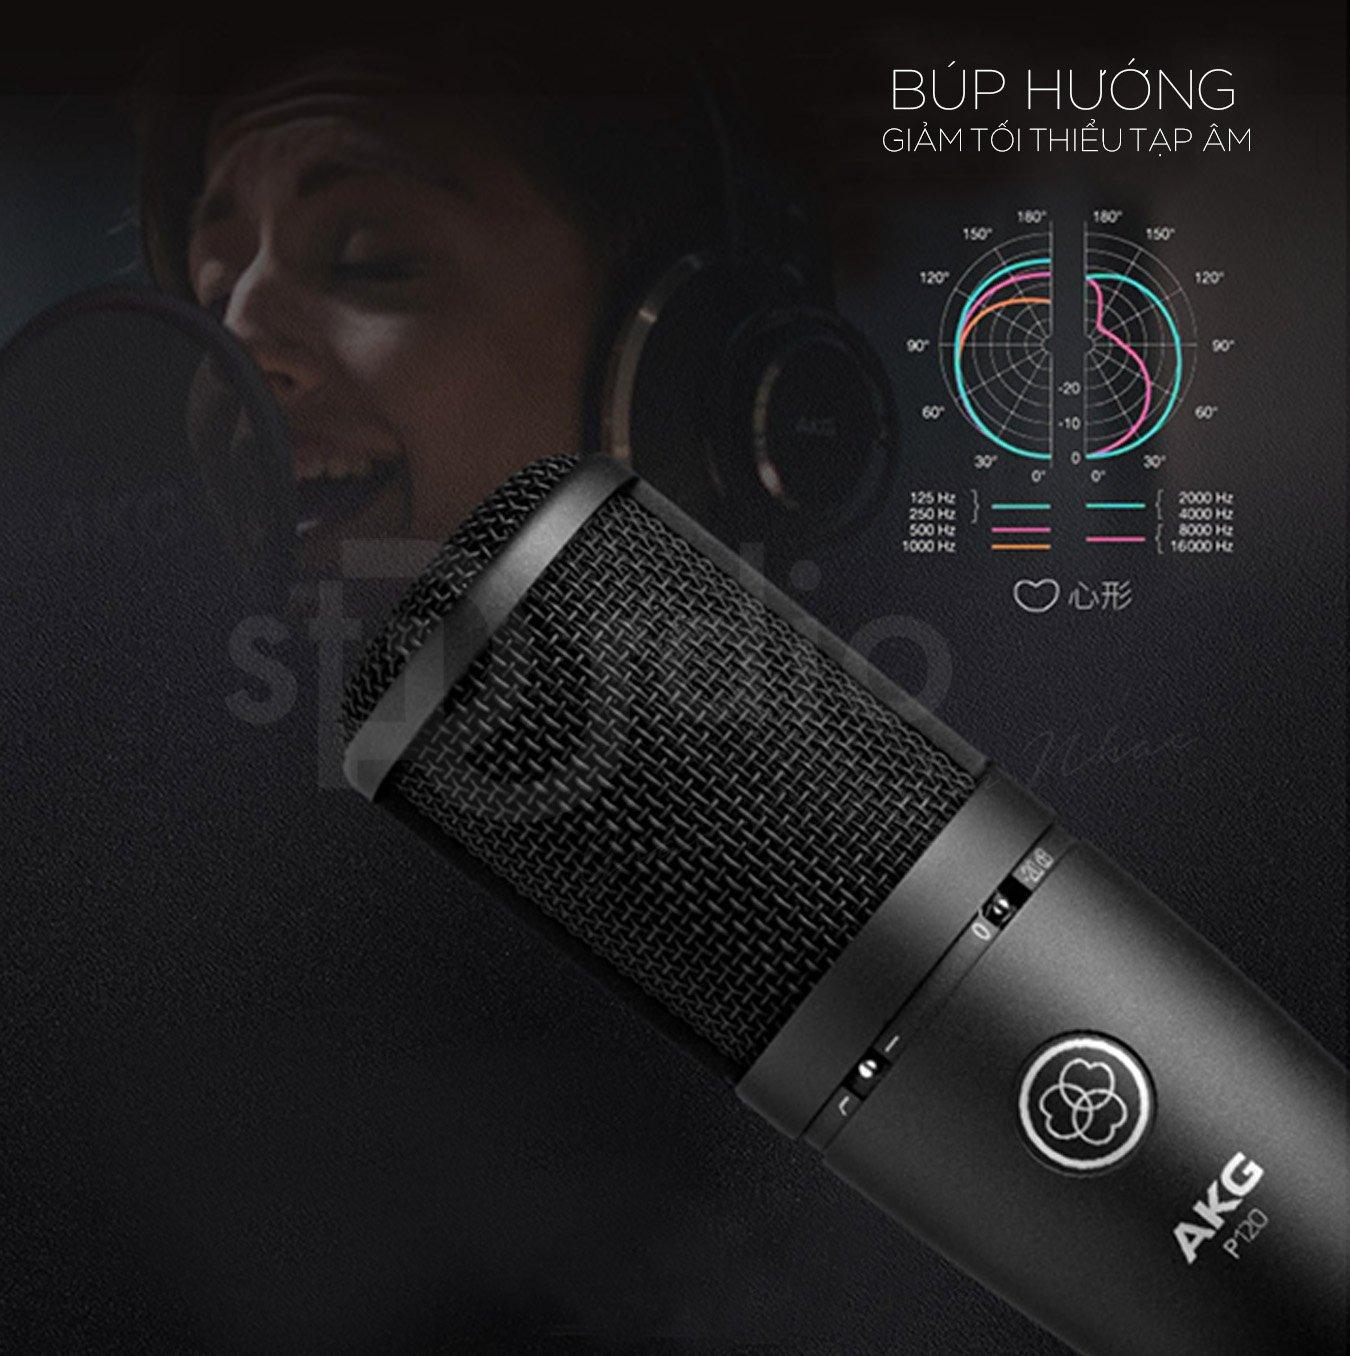 Micro thu âm AKG P120 có thể phối ghép rất tốt với các sound card thu âm. Nếu bạn có ý định đầu tư combo thiết bị thu âm tại nhà thì đừng ngần ngại liên hệ với chúng tôi PUSTUDIO- đơn vị chuyên cung cấp thiết bị thu âm và hát livestream chuyên nghiệp, chúng tôi sẽ tư vấn miễn phí cho bạn các thiết bị thu âm chất lượng cao, giá cả phải chăng. Micro thu âm AKG P120 là sự lựa chọn hoàn hảo cho việc thu âm và hát livestream tại nhà.